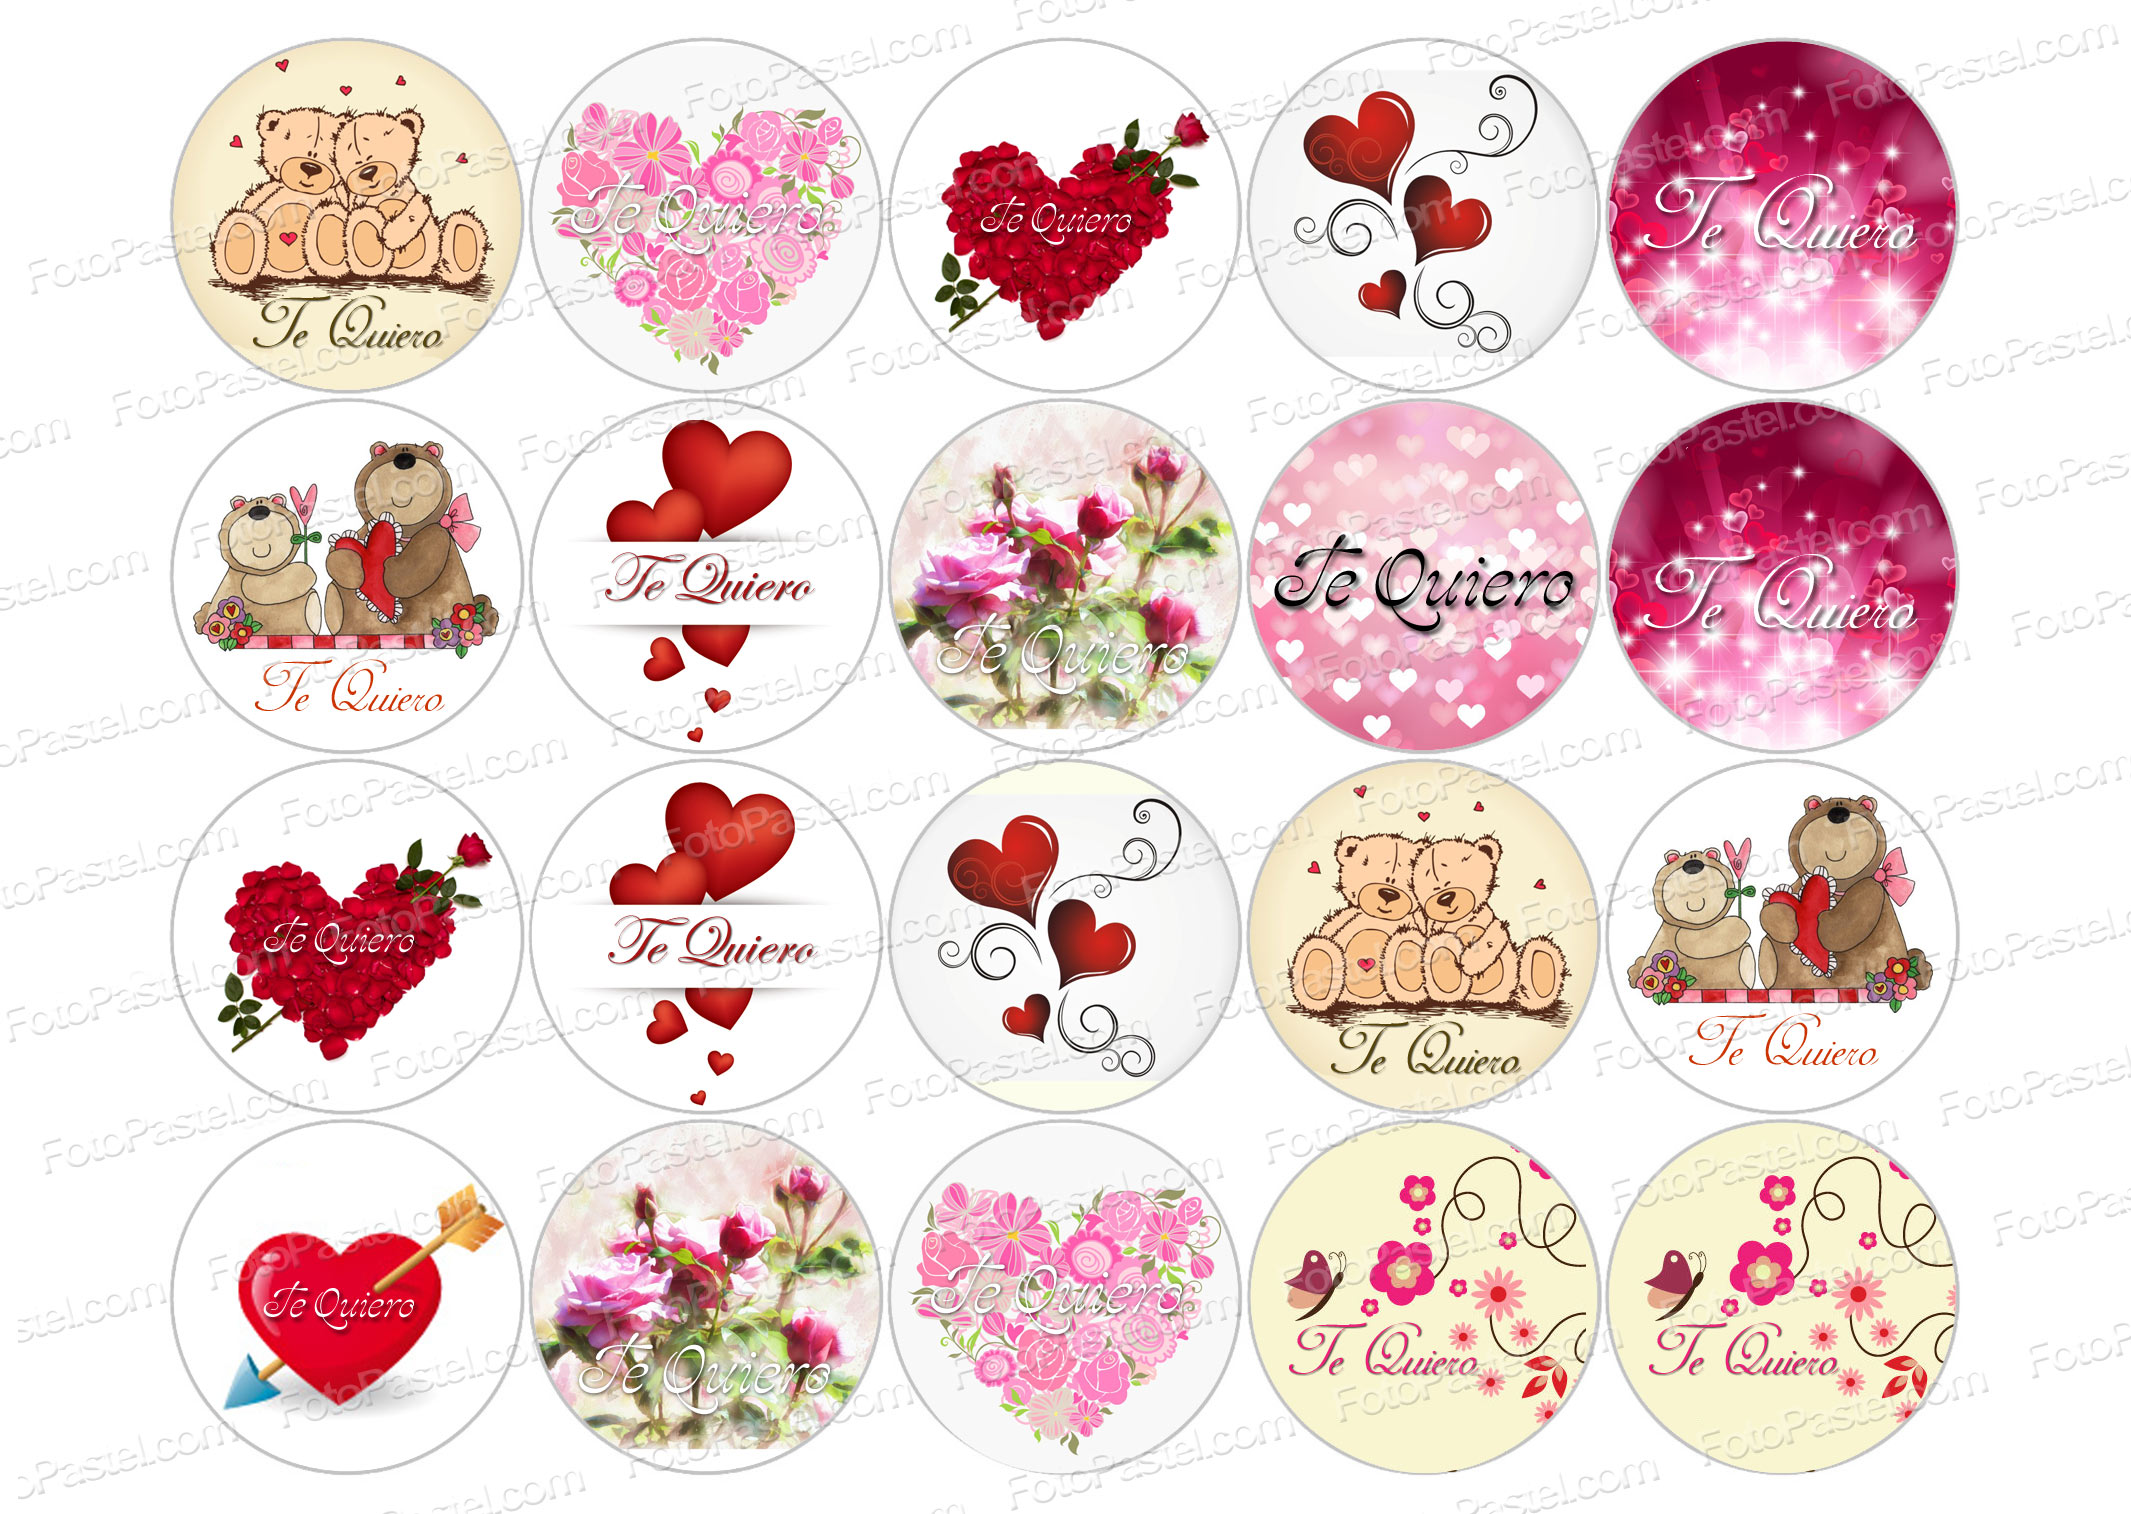 Papel comestible San Valentin 4 - 1 hoja con 20 circulos de 5 cm ...